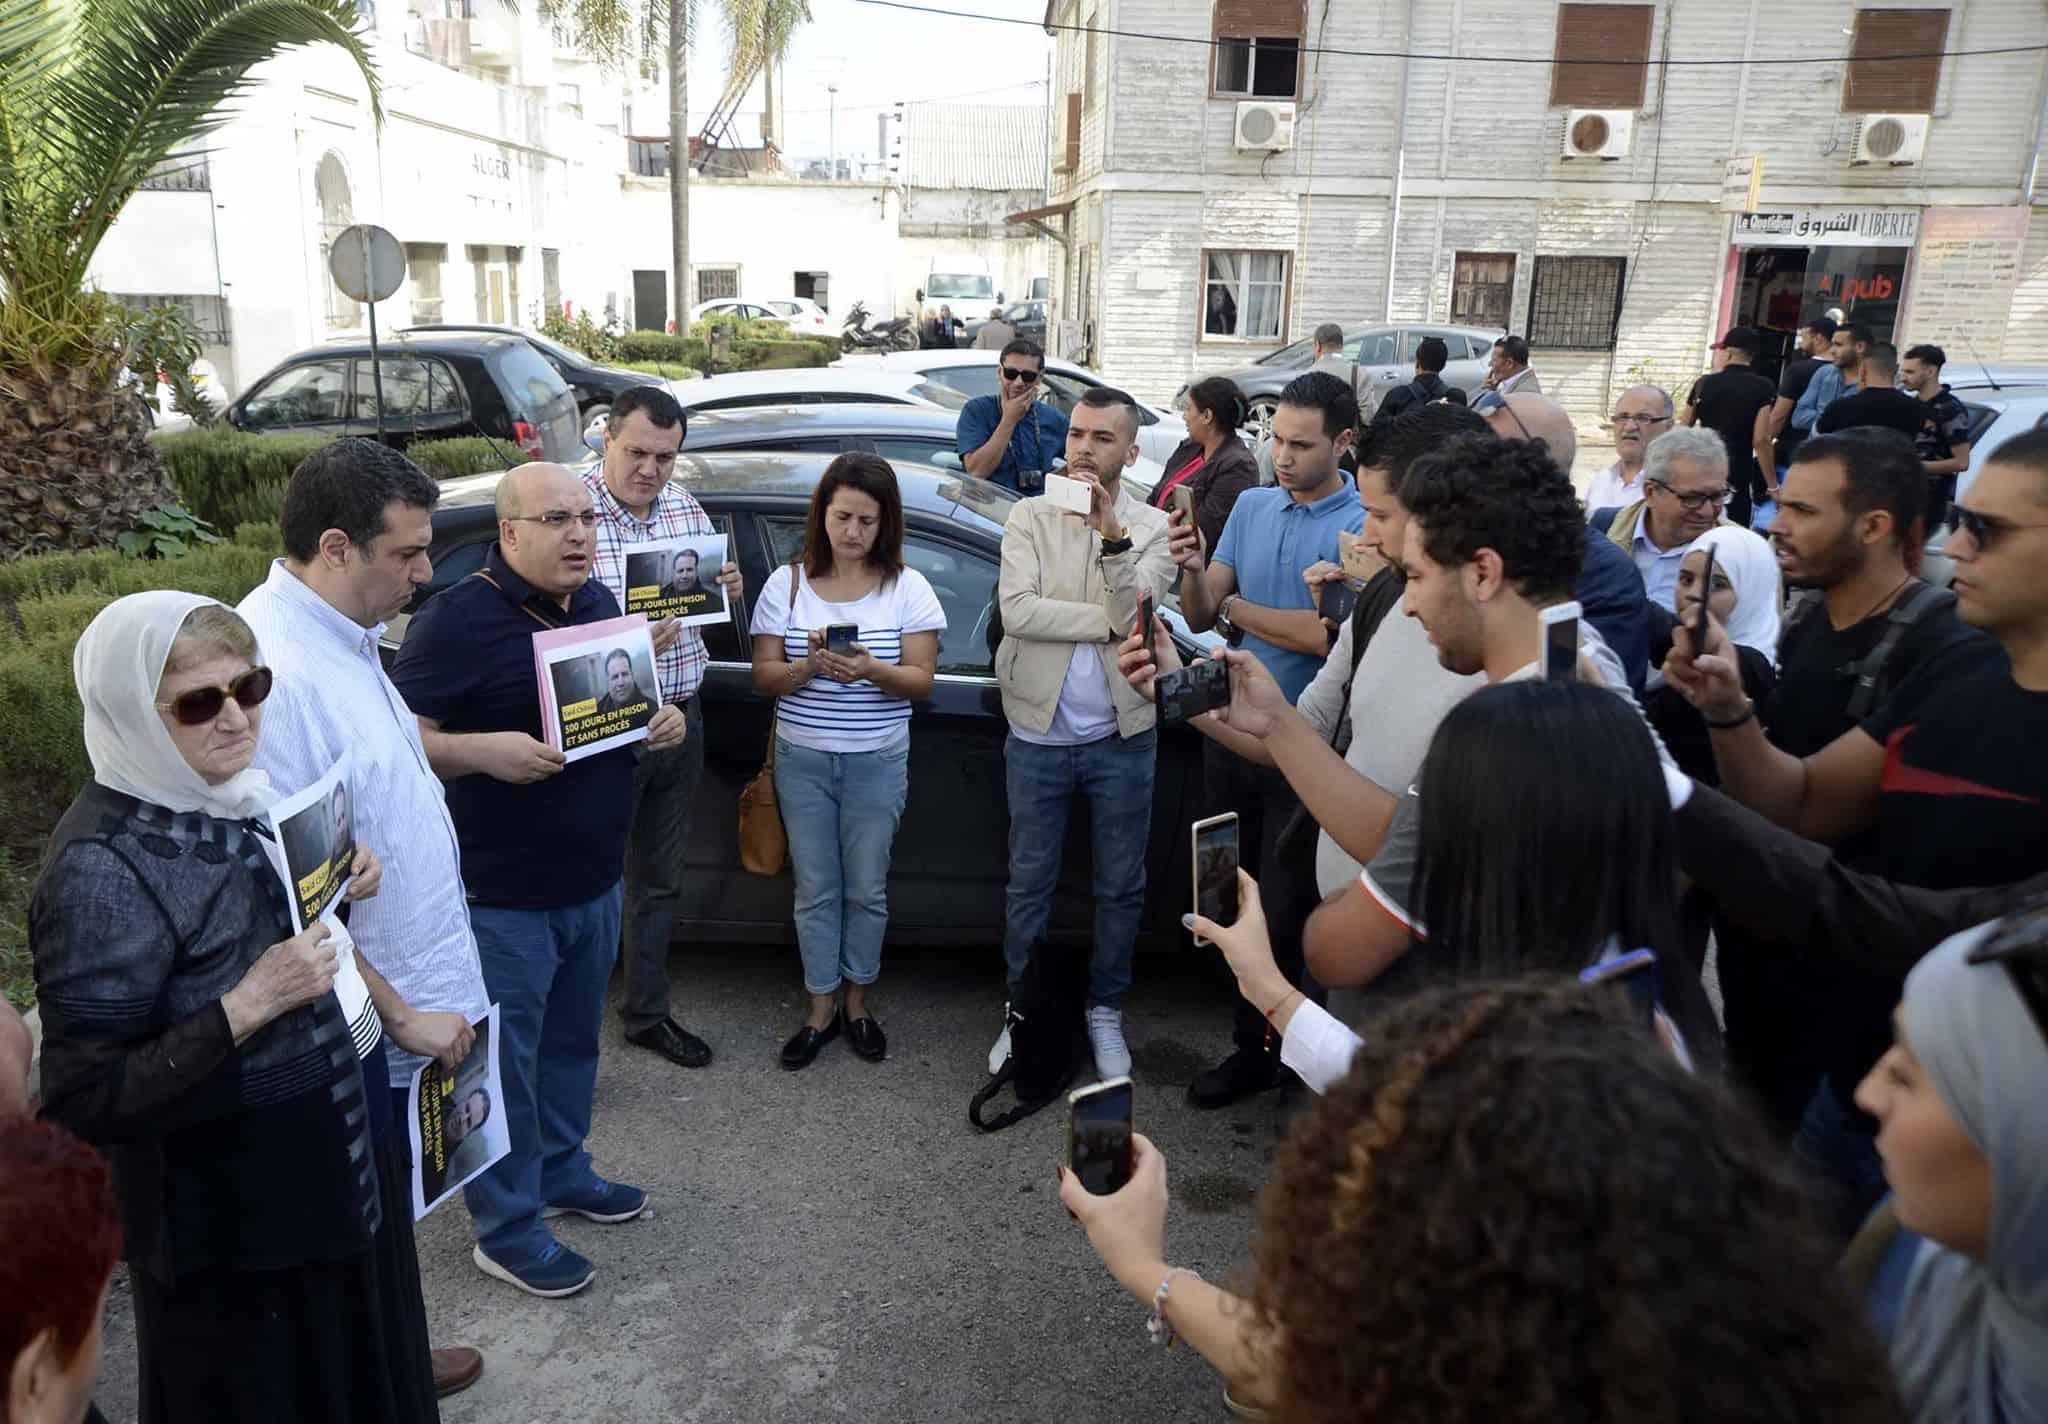 Des membres de la famille et des dizaines de journalistes et militants des droits de l'homme ont tenu, aujourd'hui à Alger, un rassemblement en soutien au journaliste et fixeur, Saïd Chitour, détenu depuis 16 mois (508 jours) sans jugement.